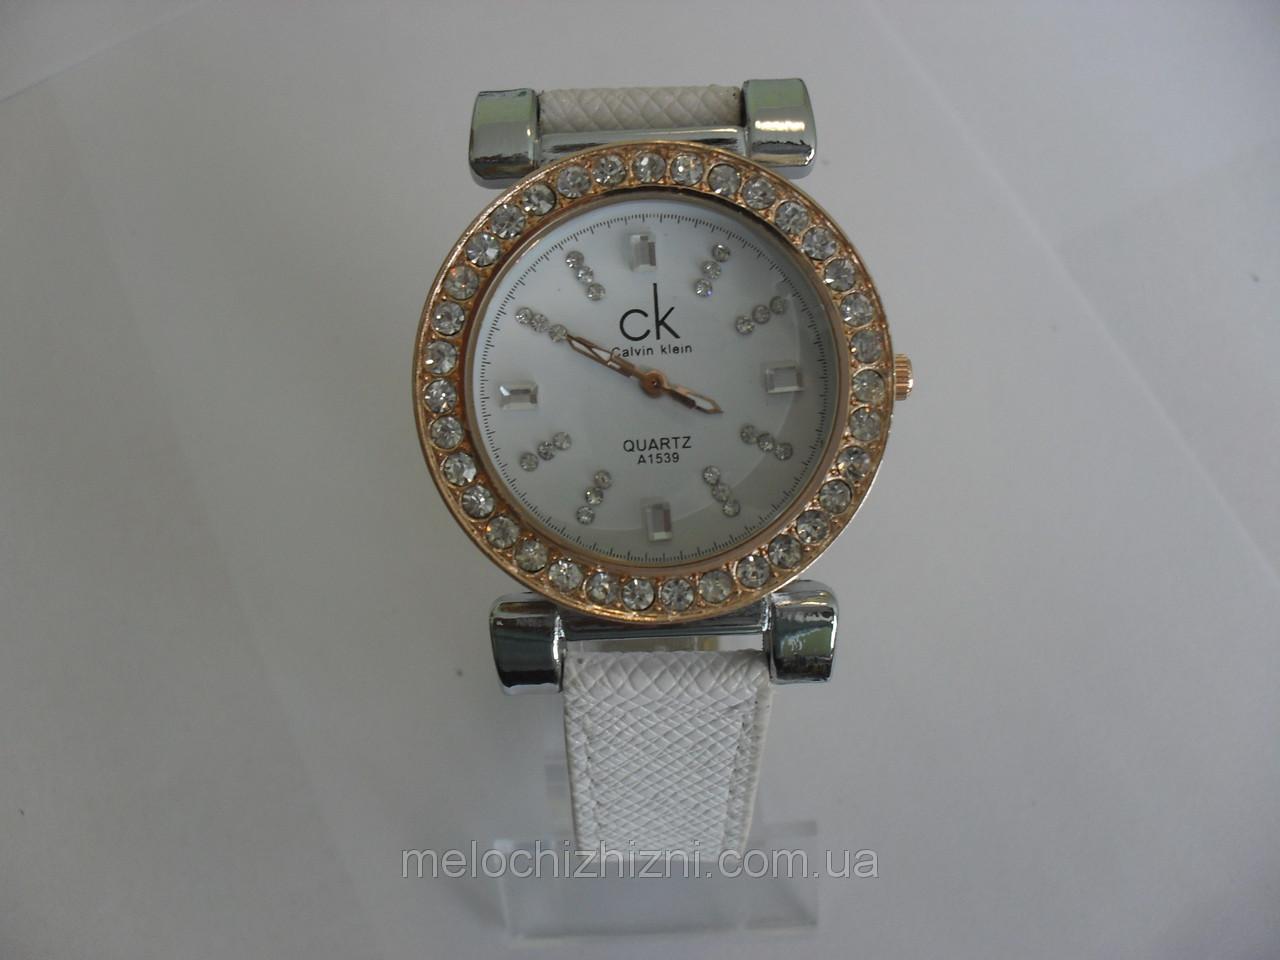 Женские часы quartz купить наручные часы черные с синим